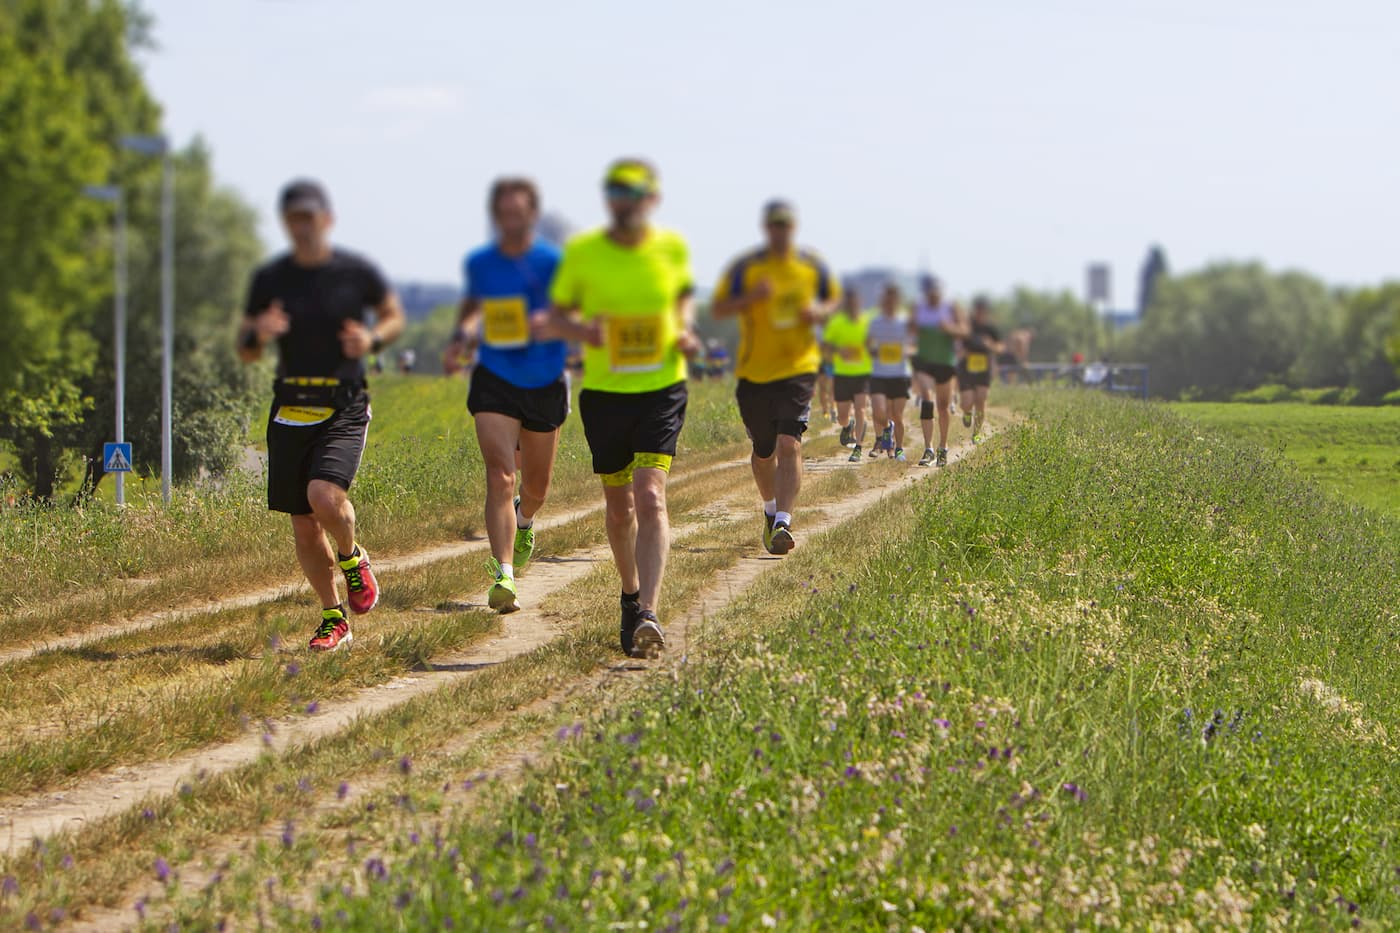 にこにこリレーマラソン 兼 全国ドラッグストア選手権inつま恋 | 静岡県